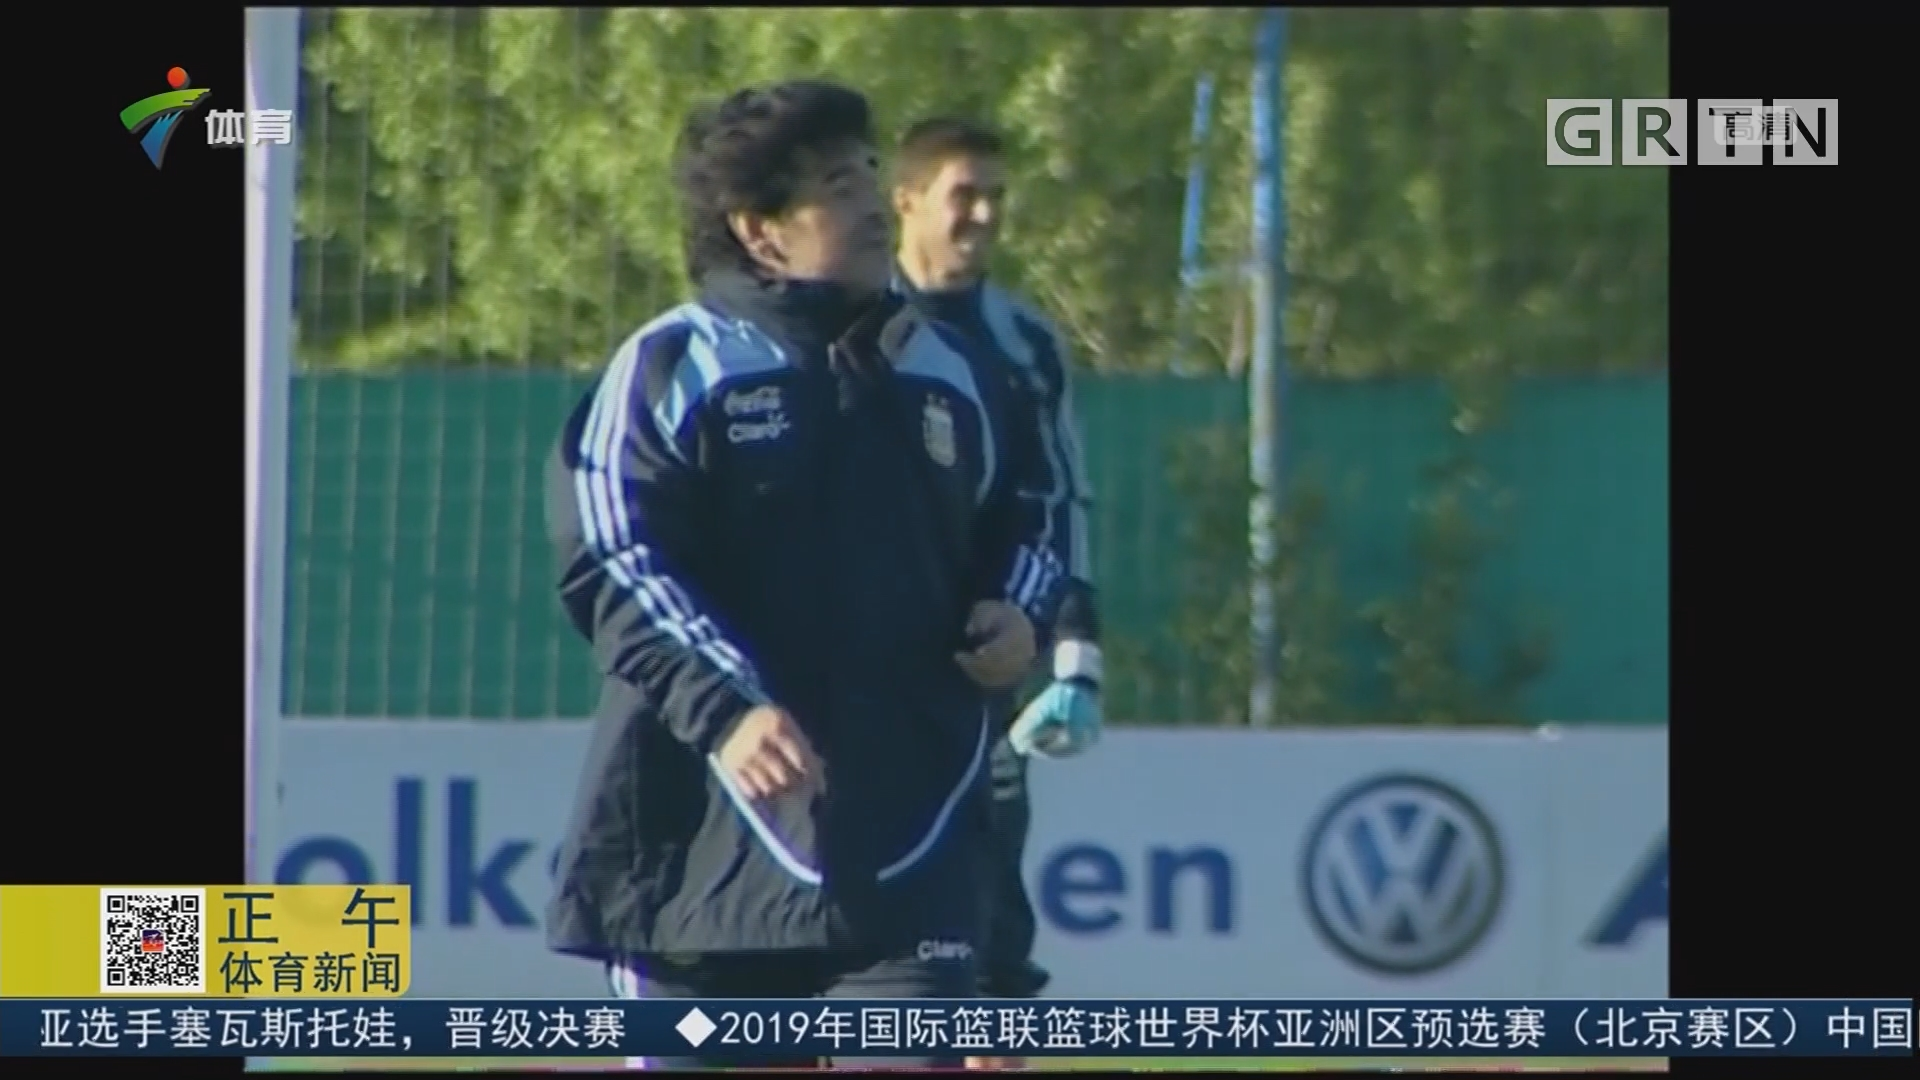 马拉多纳重拾教鞭 将执教墨西哥球队